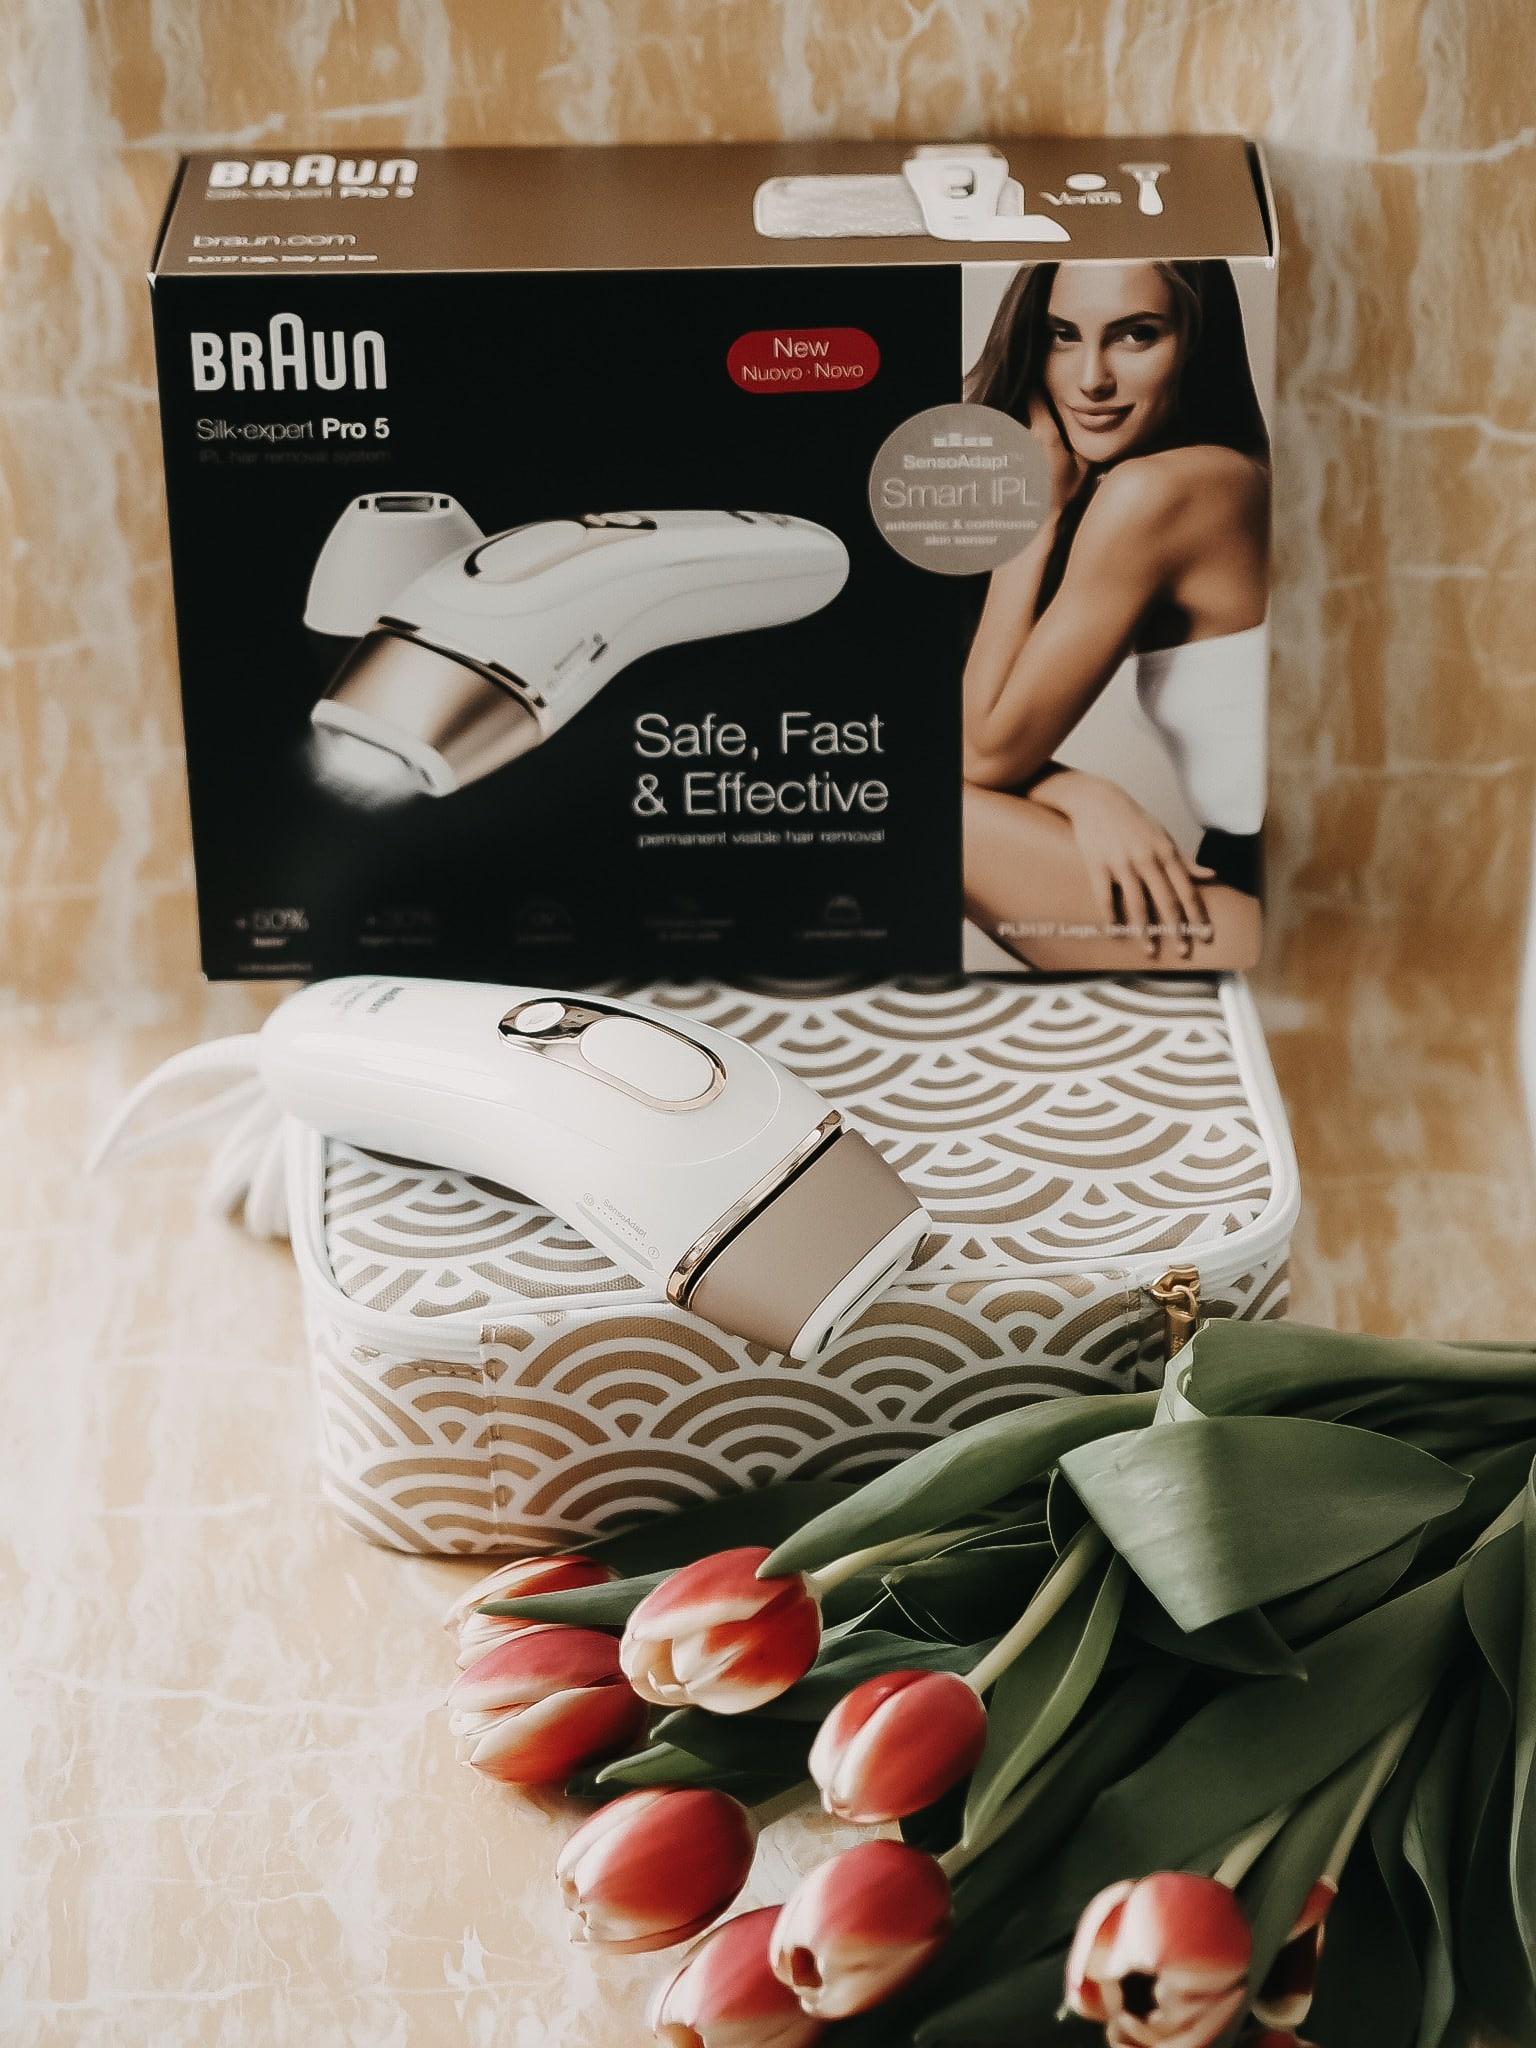 Der Silk-expert Pro 5 von Braun garantiert Dank seiner IPL-Technologie dauerhafte Haarentfernung. Heute stelle ich das effektive Gerät auf dem Blog vor.